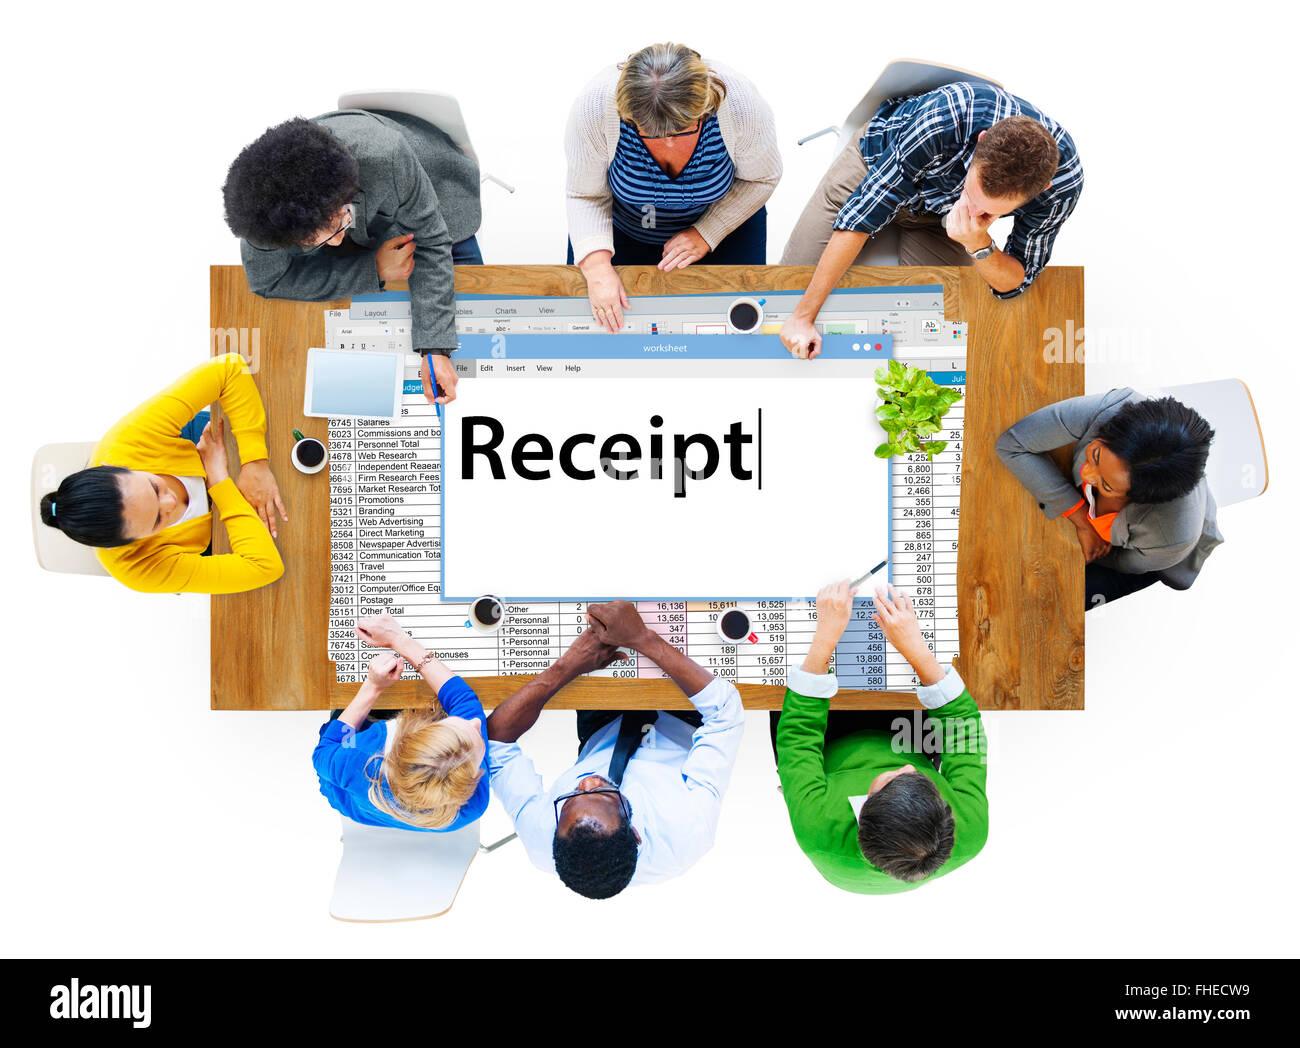 Frais financiers Les frais reçus réception Concept dépenser Photo Stock